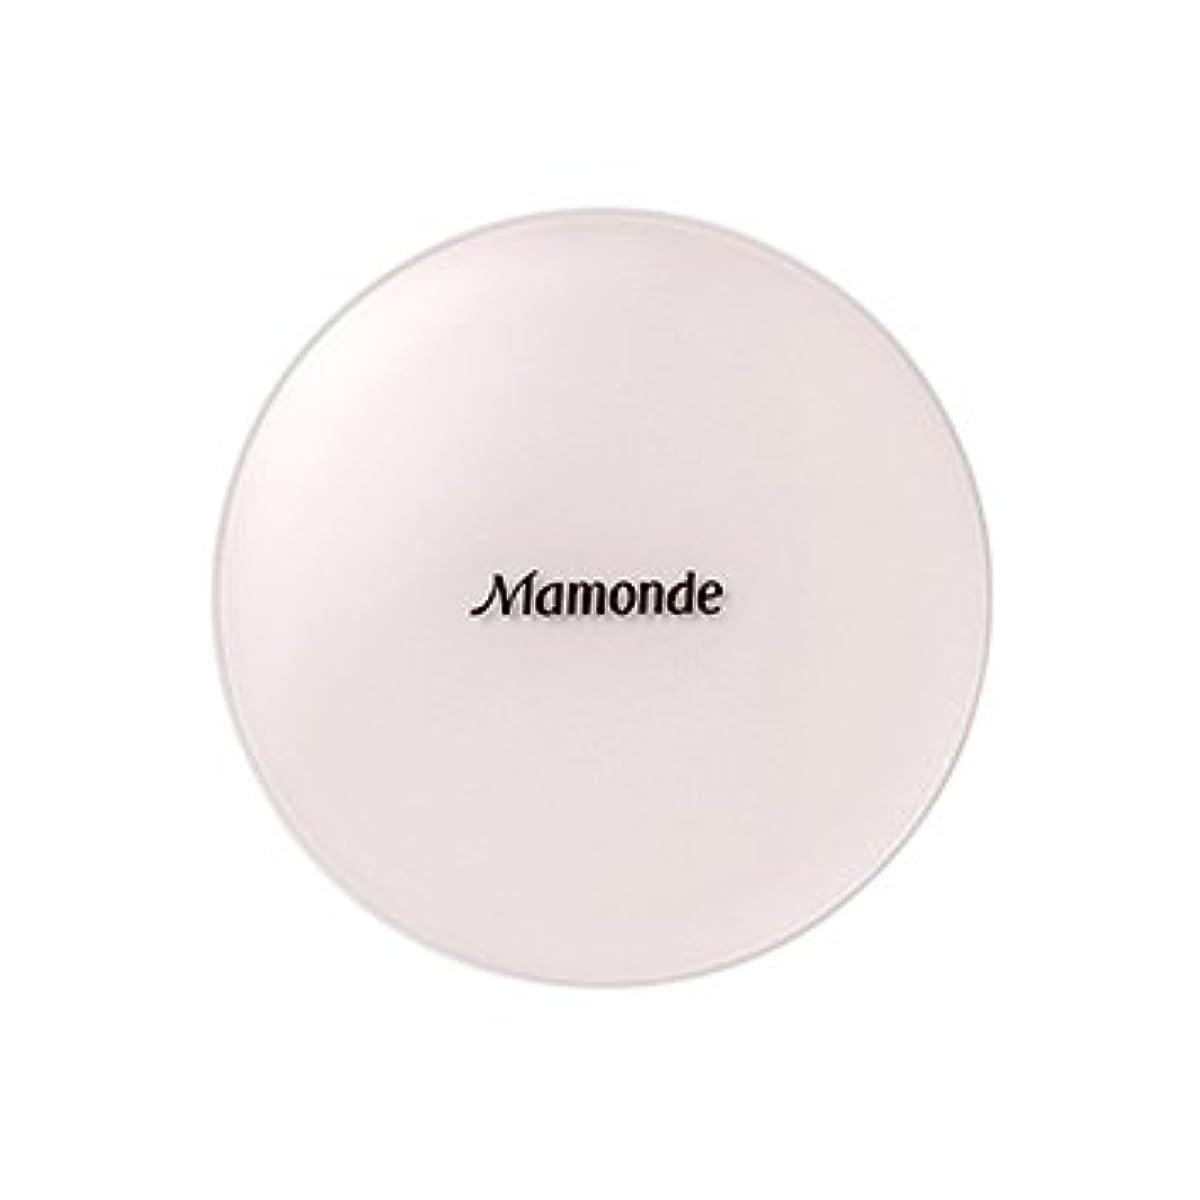 無力アスレチック後世[New] Mamonde Brightening Cover Ampoule Cushion 15g/マモンド ブライトニング カバー アンプル クッション 15g (#21C Medium Peach) [並行輸入品]